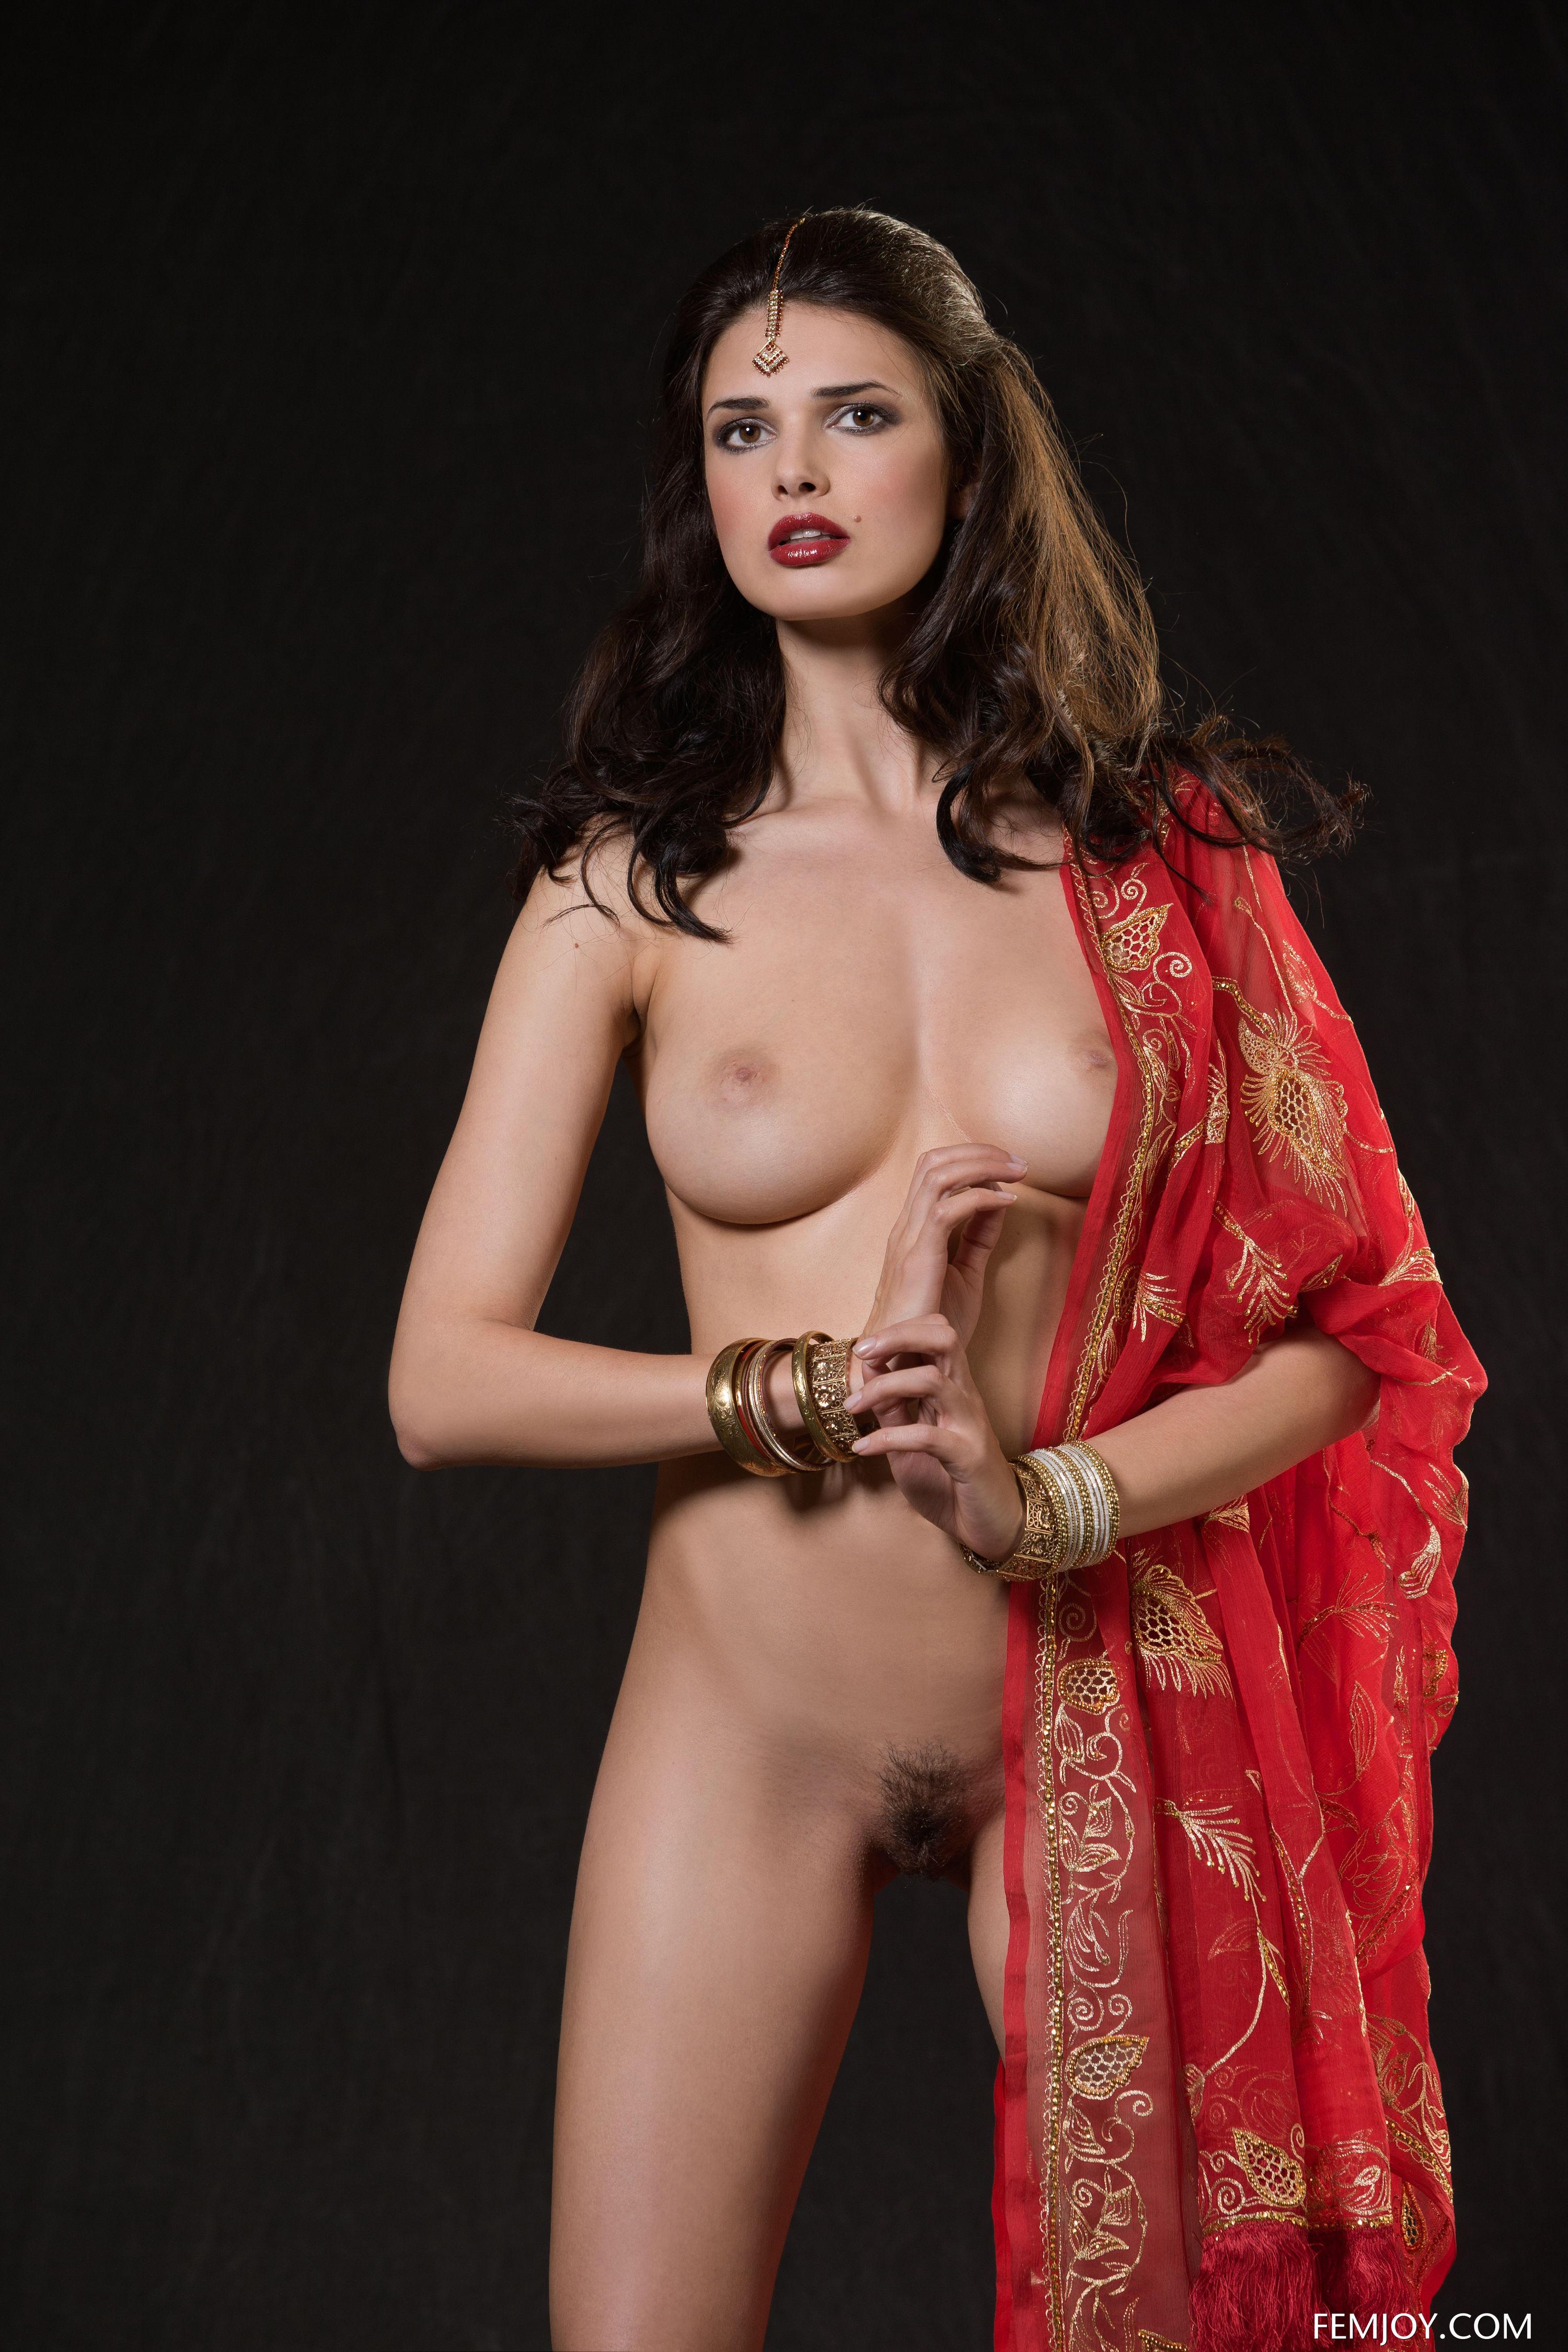 Enas Meky Egyptian Actress Fucked Hossam Free Sex Pics